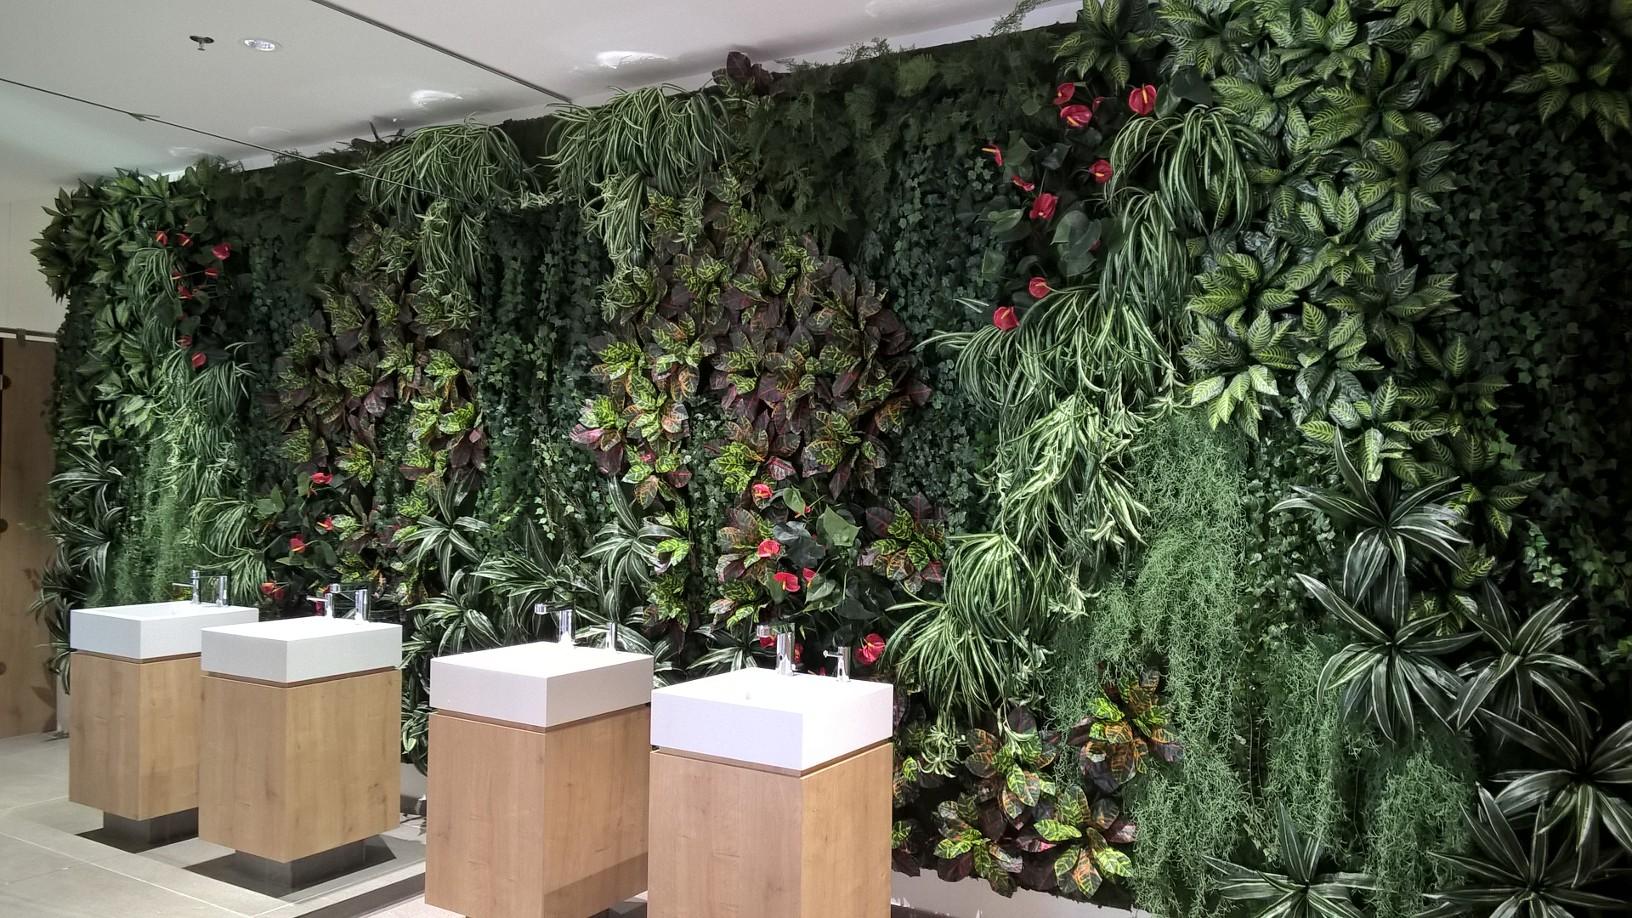 Plantes Pour Mur Végétal Extérieur leclerc - moulins - naturel design